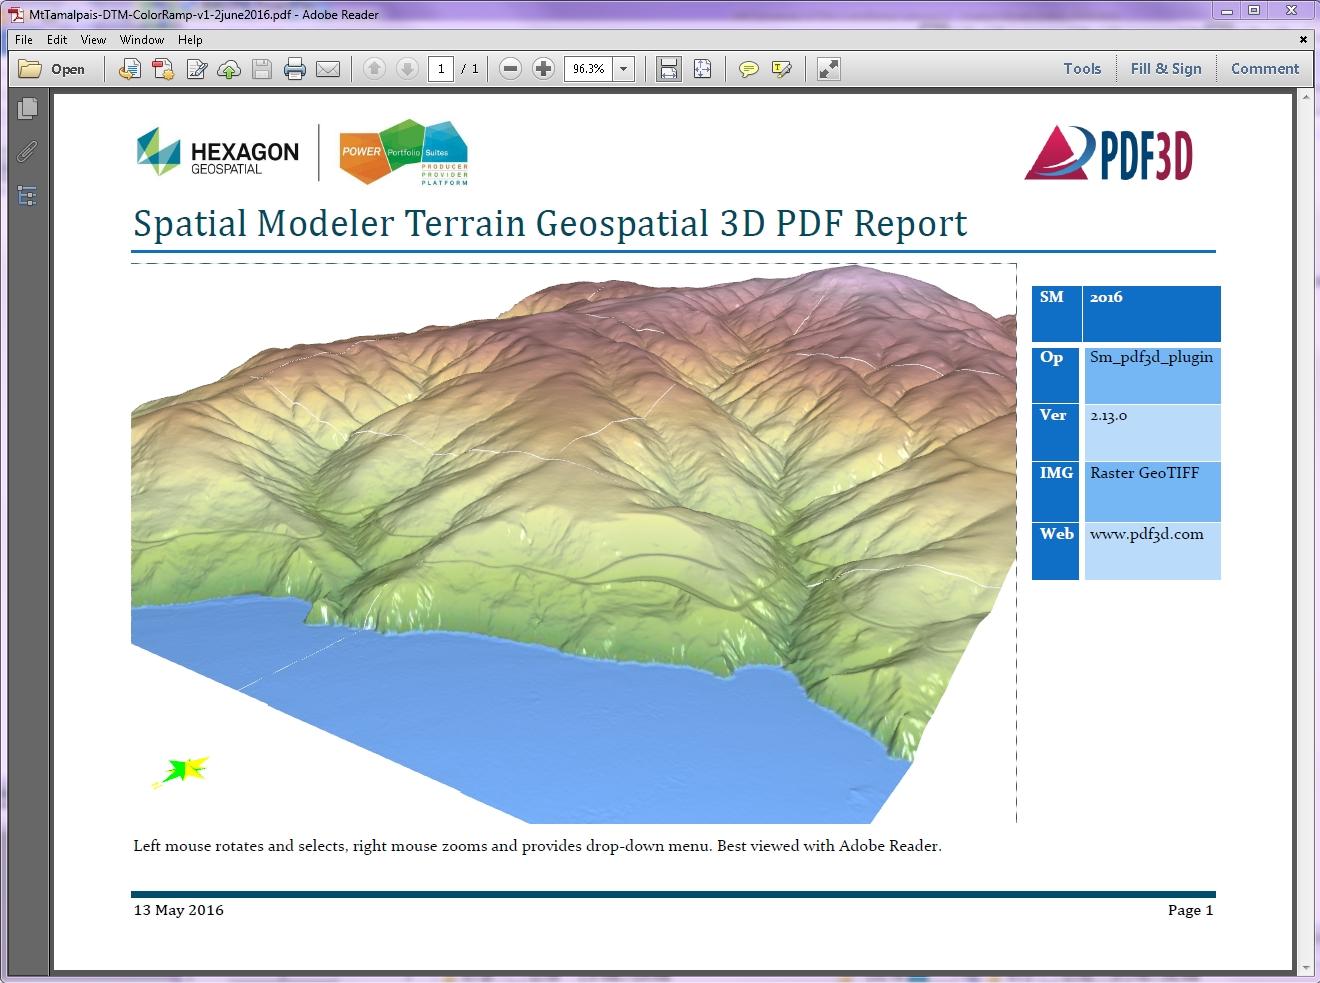 PDF3D ReportGen center